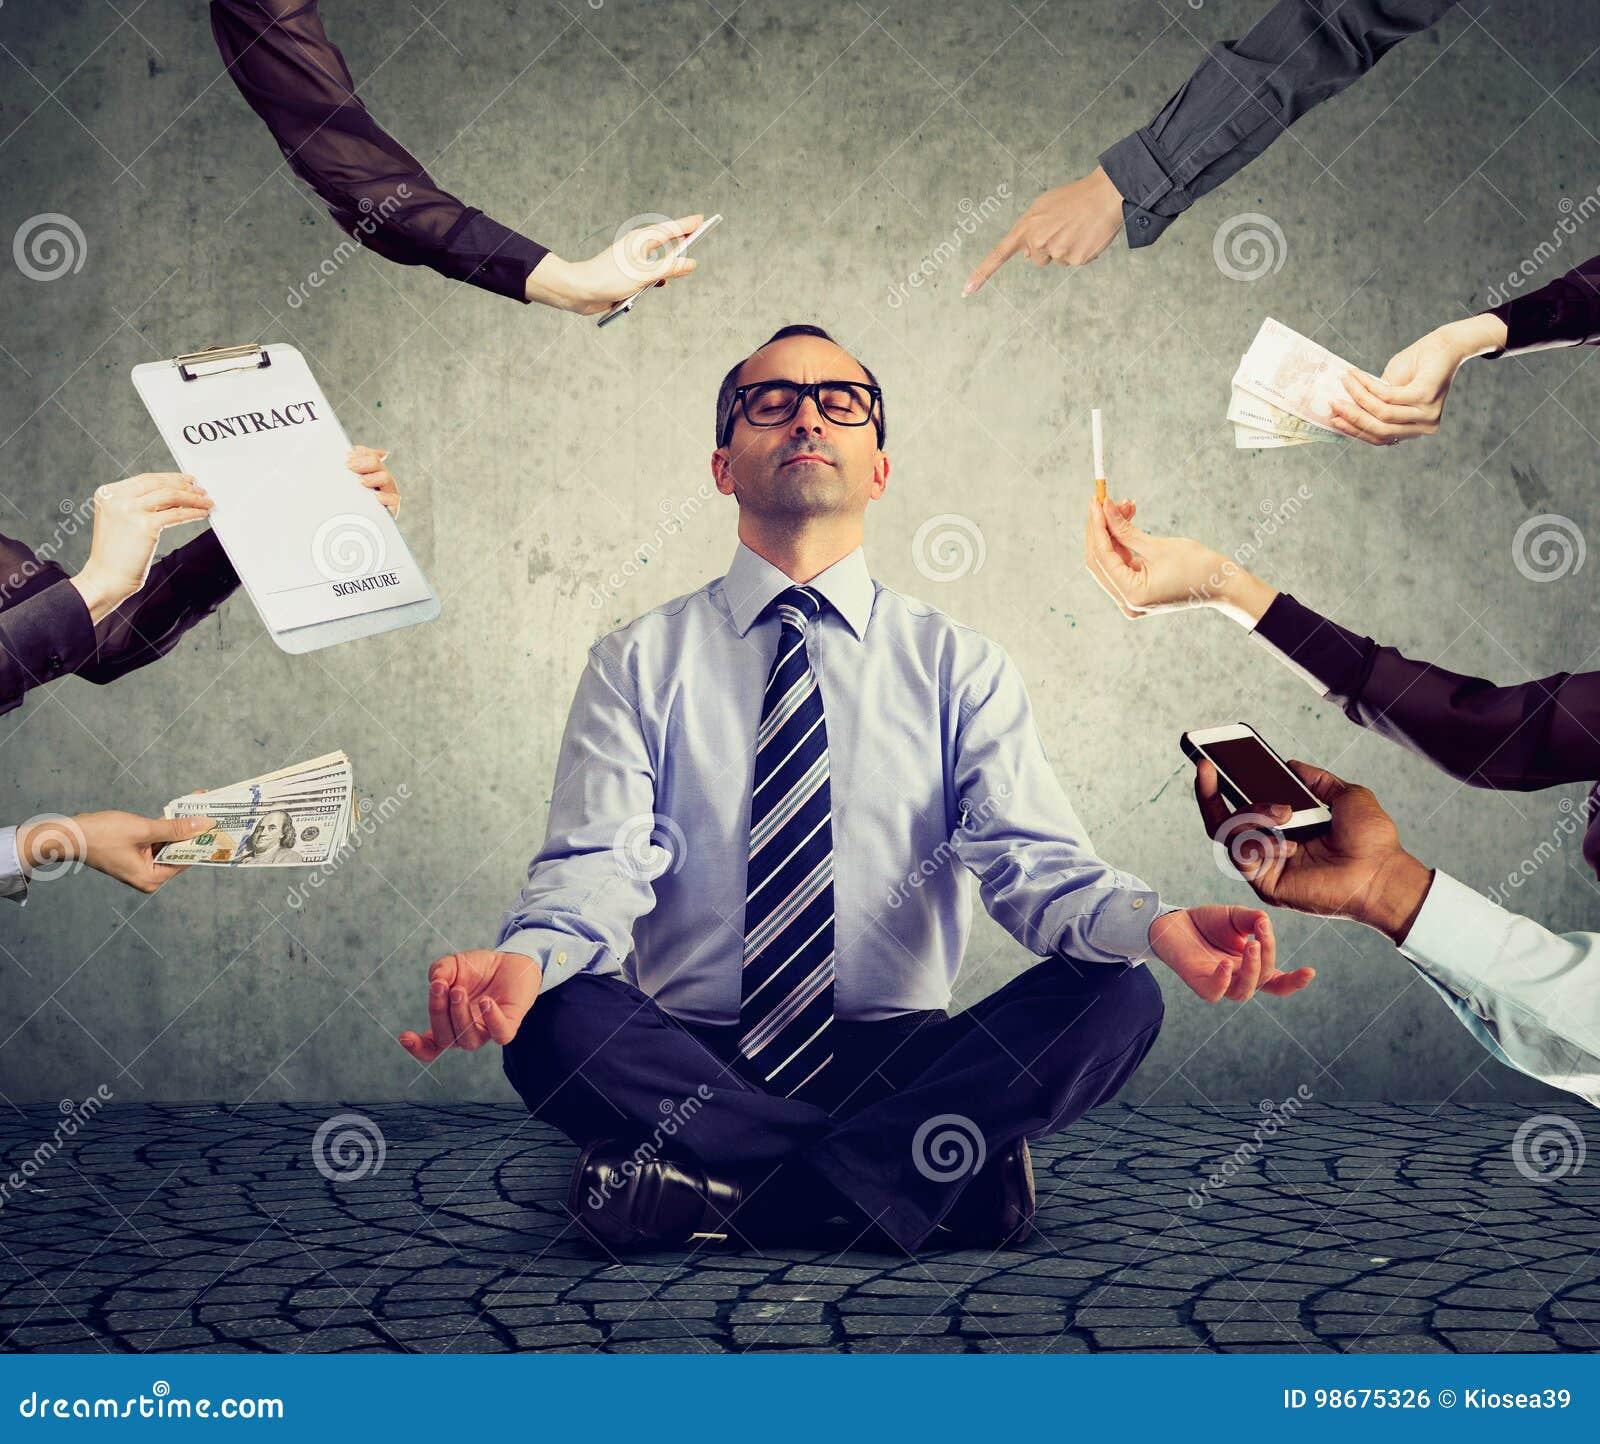 Biznesowy mężczyzna medytuje uśmierzać stres ruchliwie korporacyjny życie